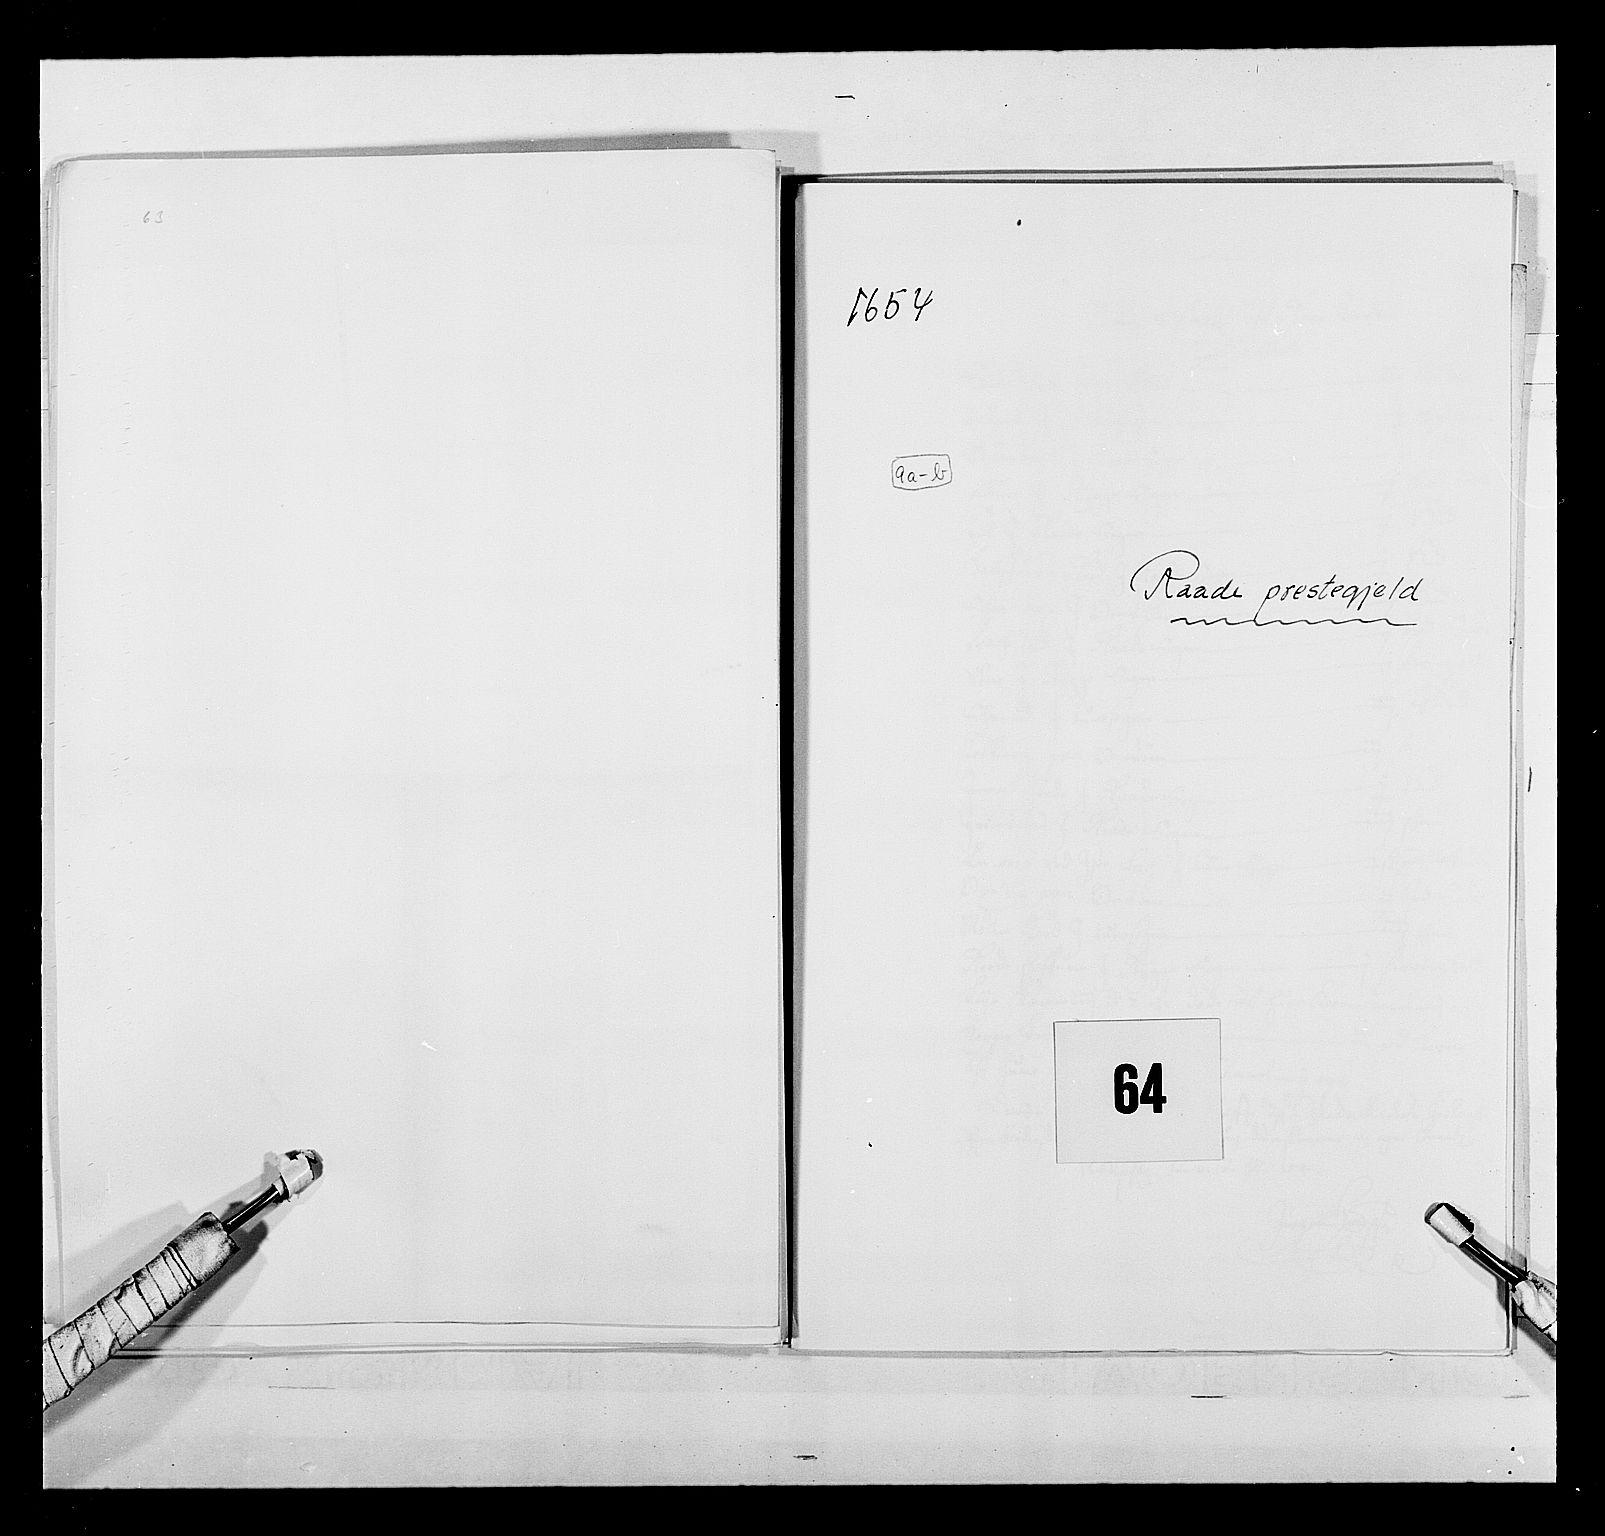 RA, Stattholderembetet 1572-1771, Ek/L0030: Jordebøker 1633-1658:, 1654, s. 302